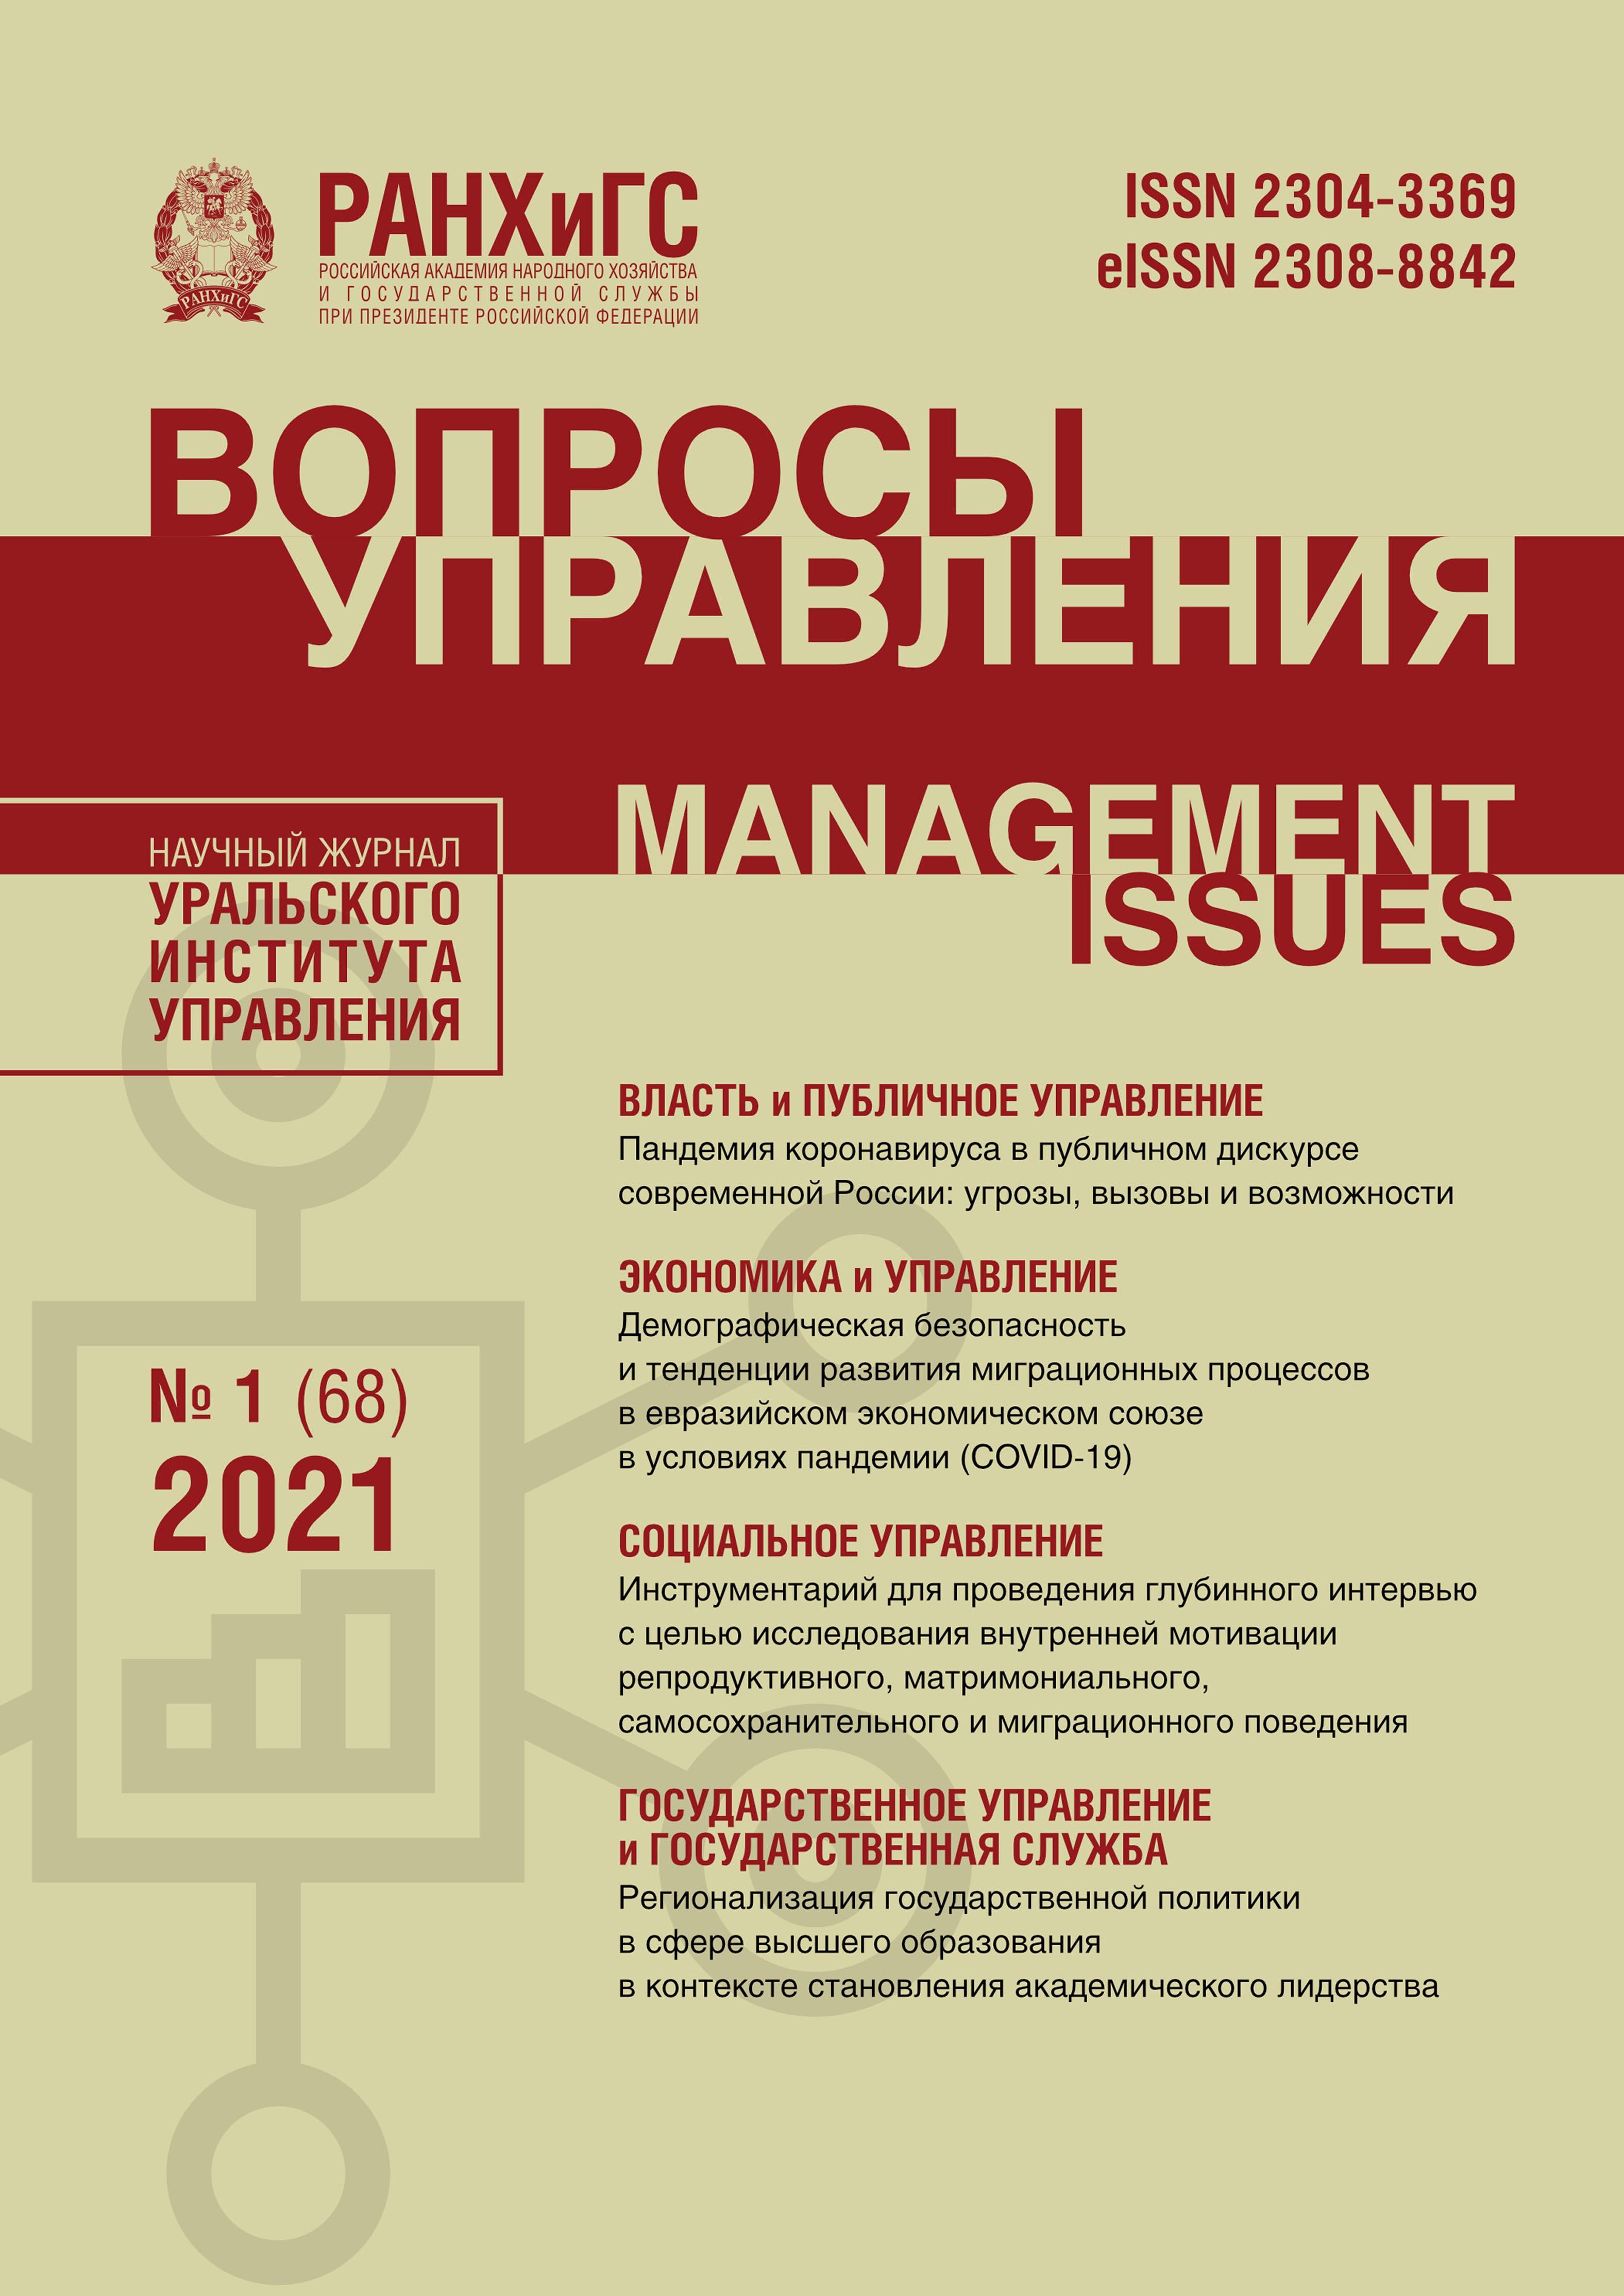 Вопросы управления №1 (68) 2021